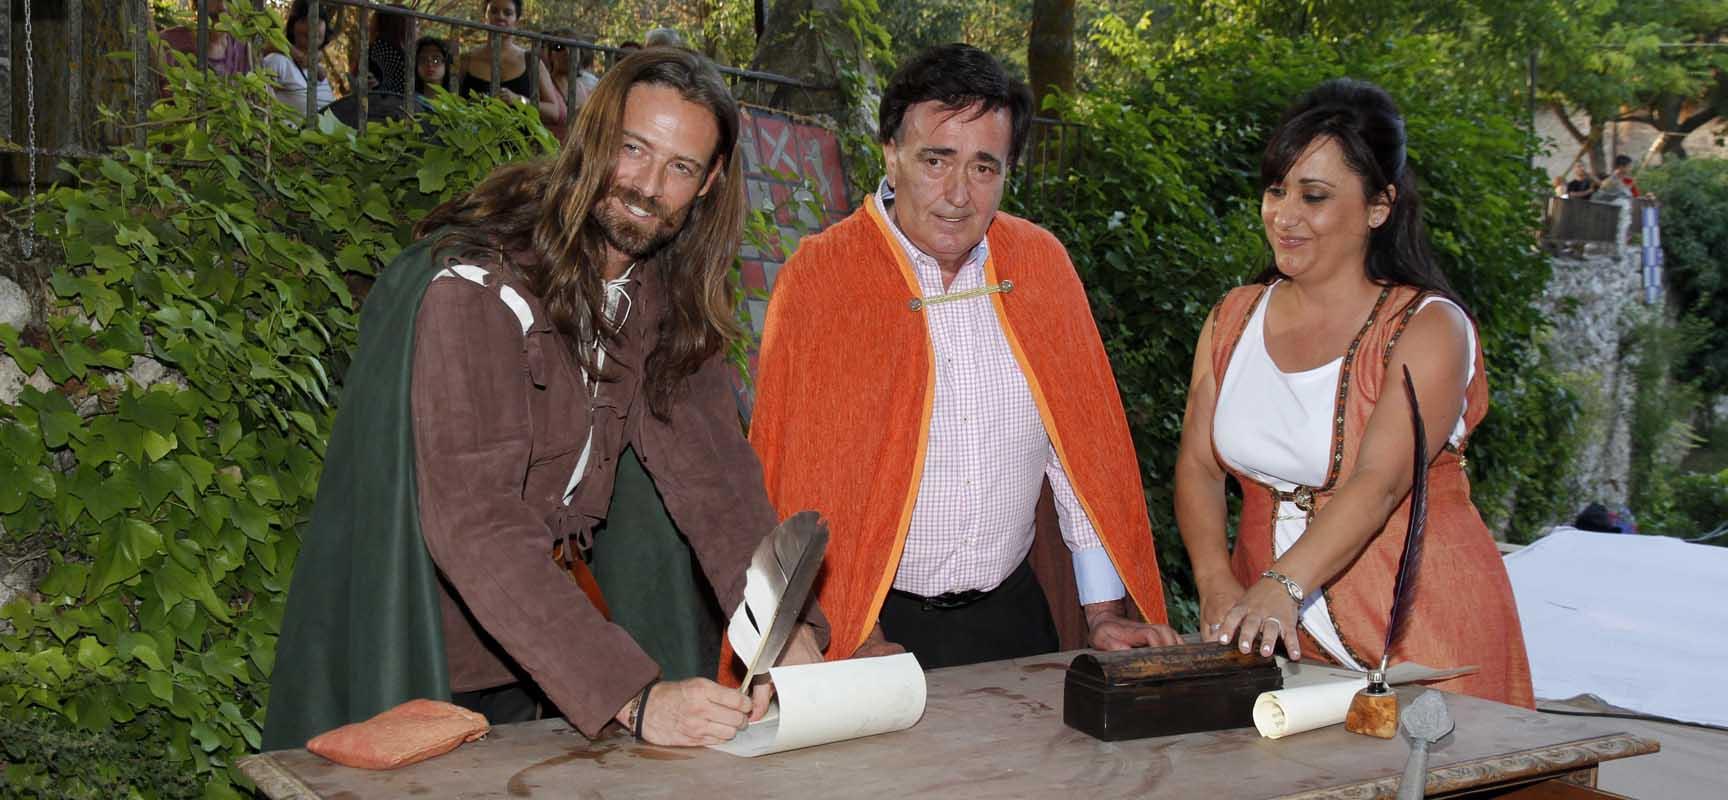 El actor Willam Miller fue nombrado el pasado año Alférez Mayor en la Feria Mudéjar